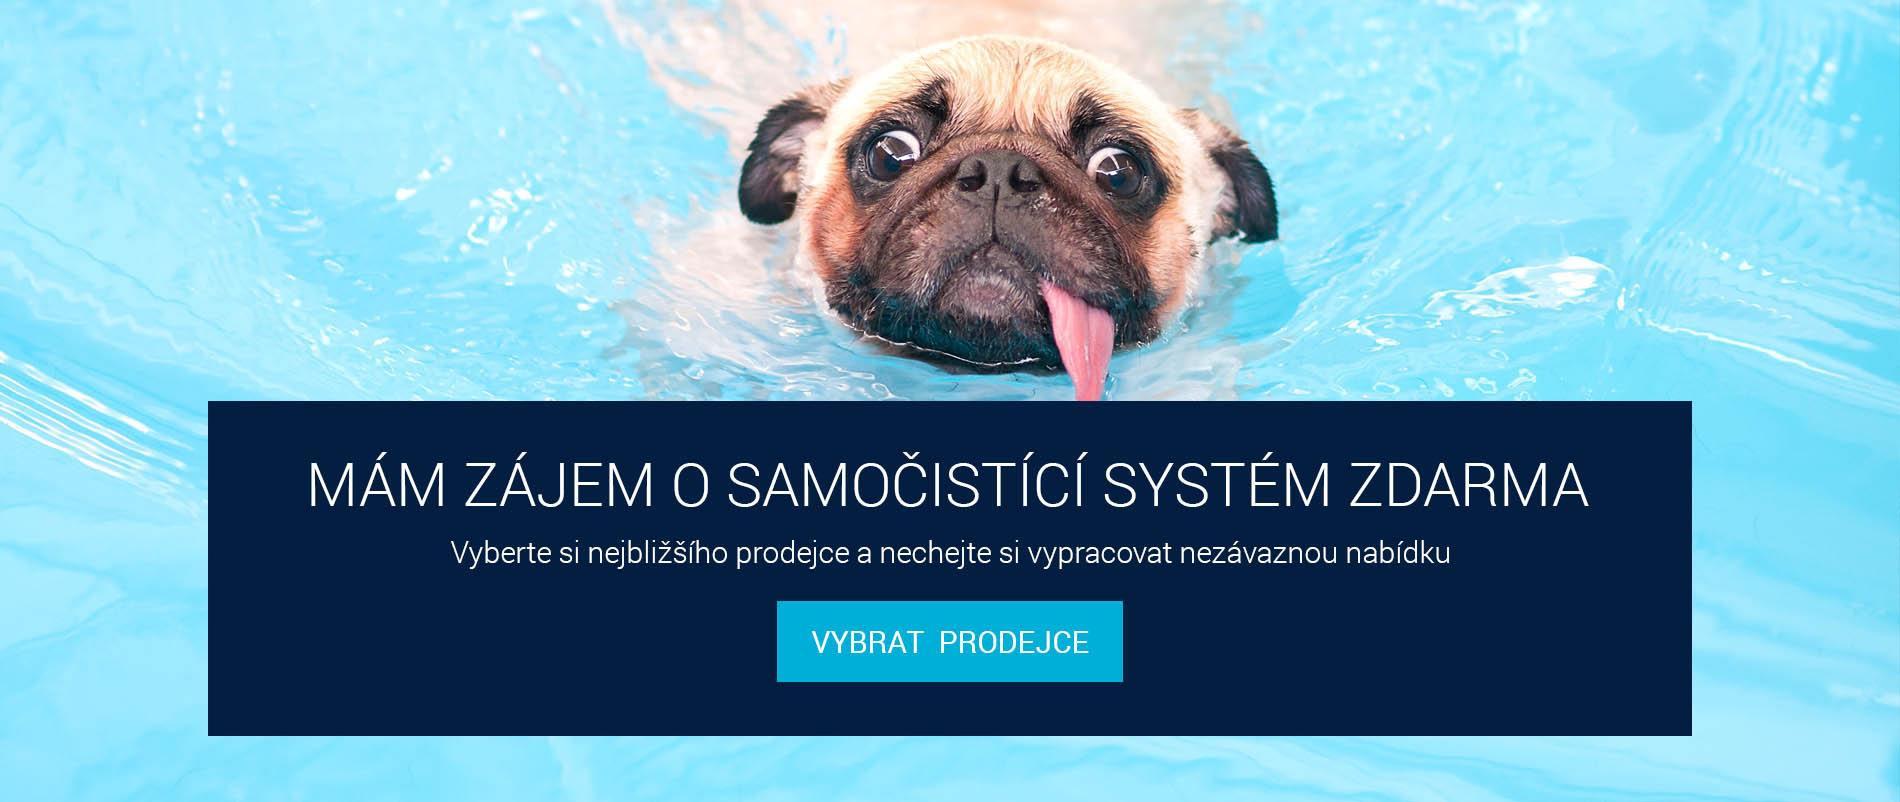 samočistici systém pro bazén zdarma